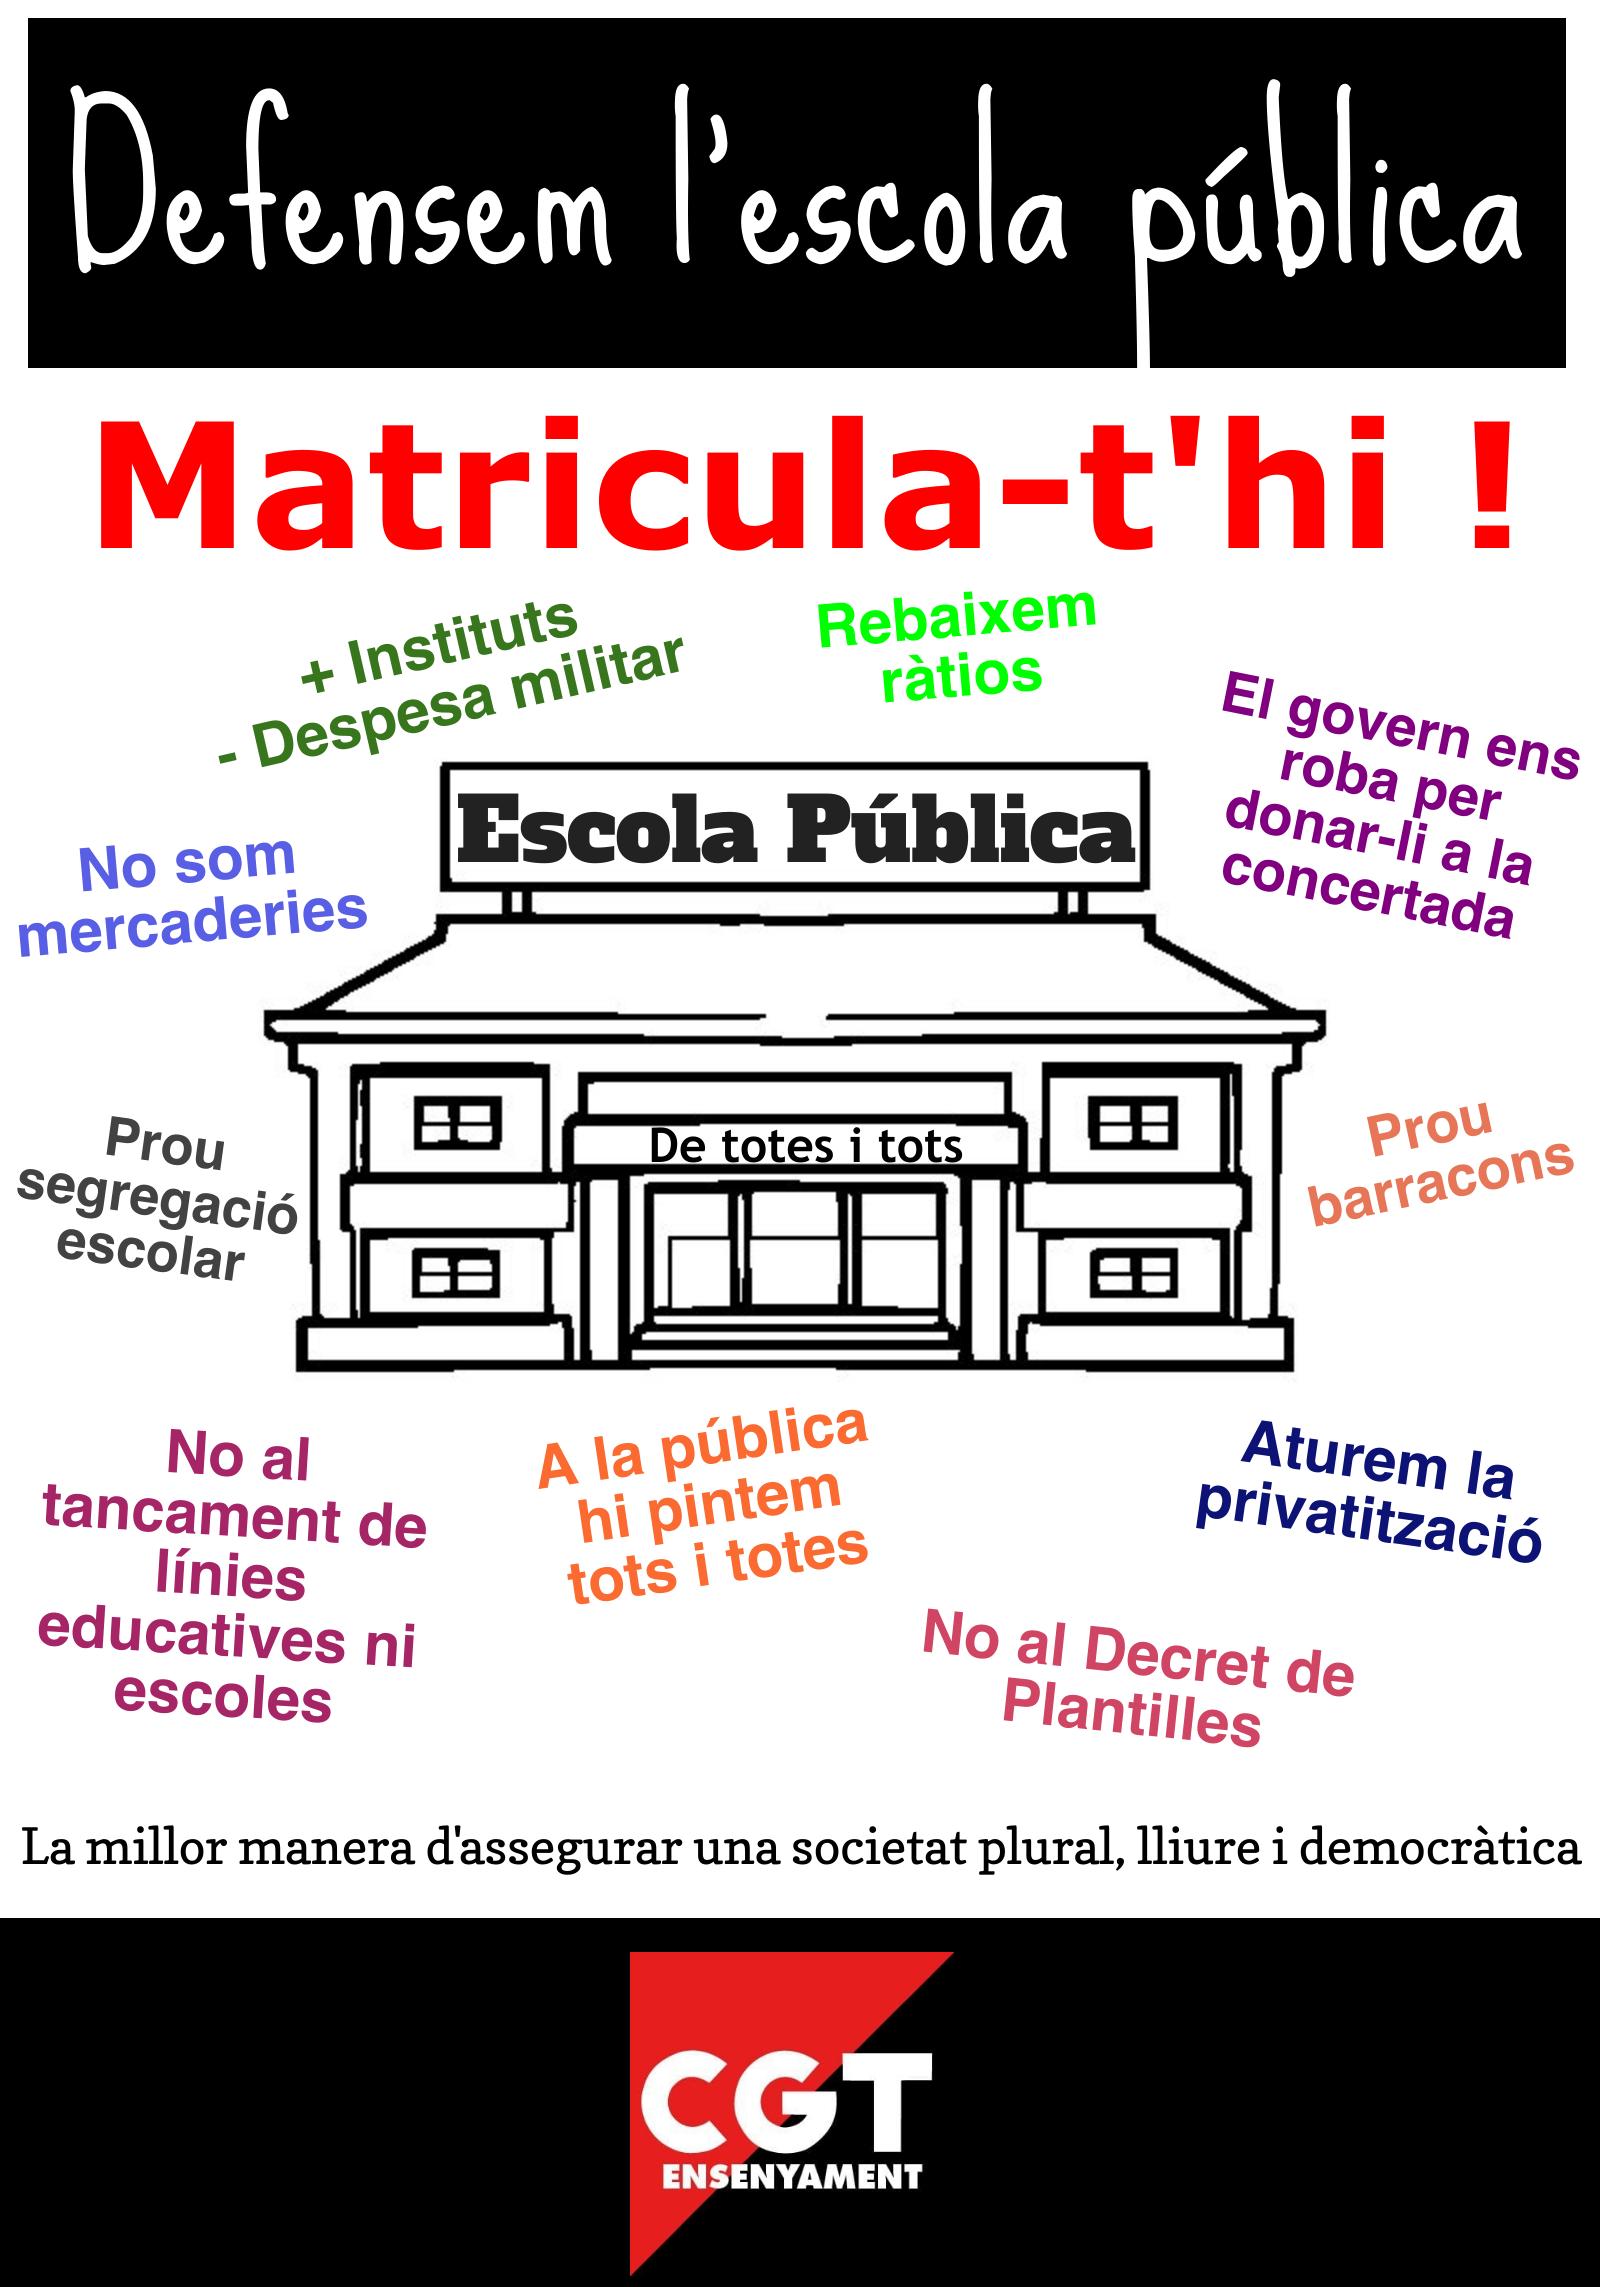 matriculat_hi_bo.png